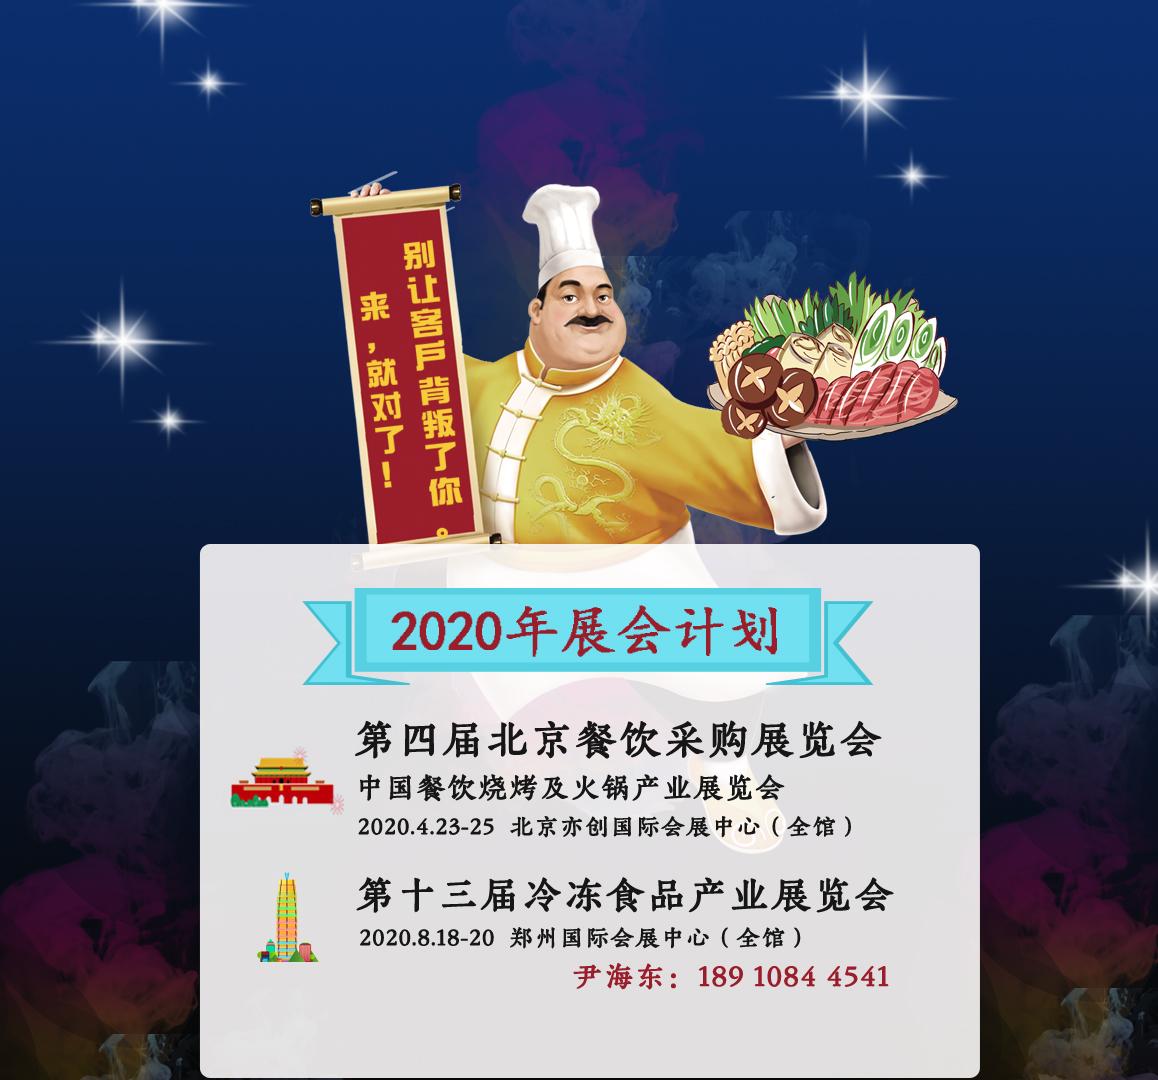 2020北京國際餐飲食材展覽會—展位預定